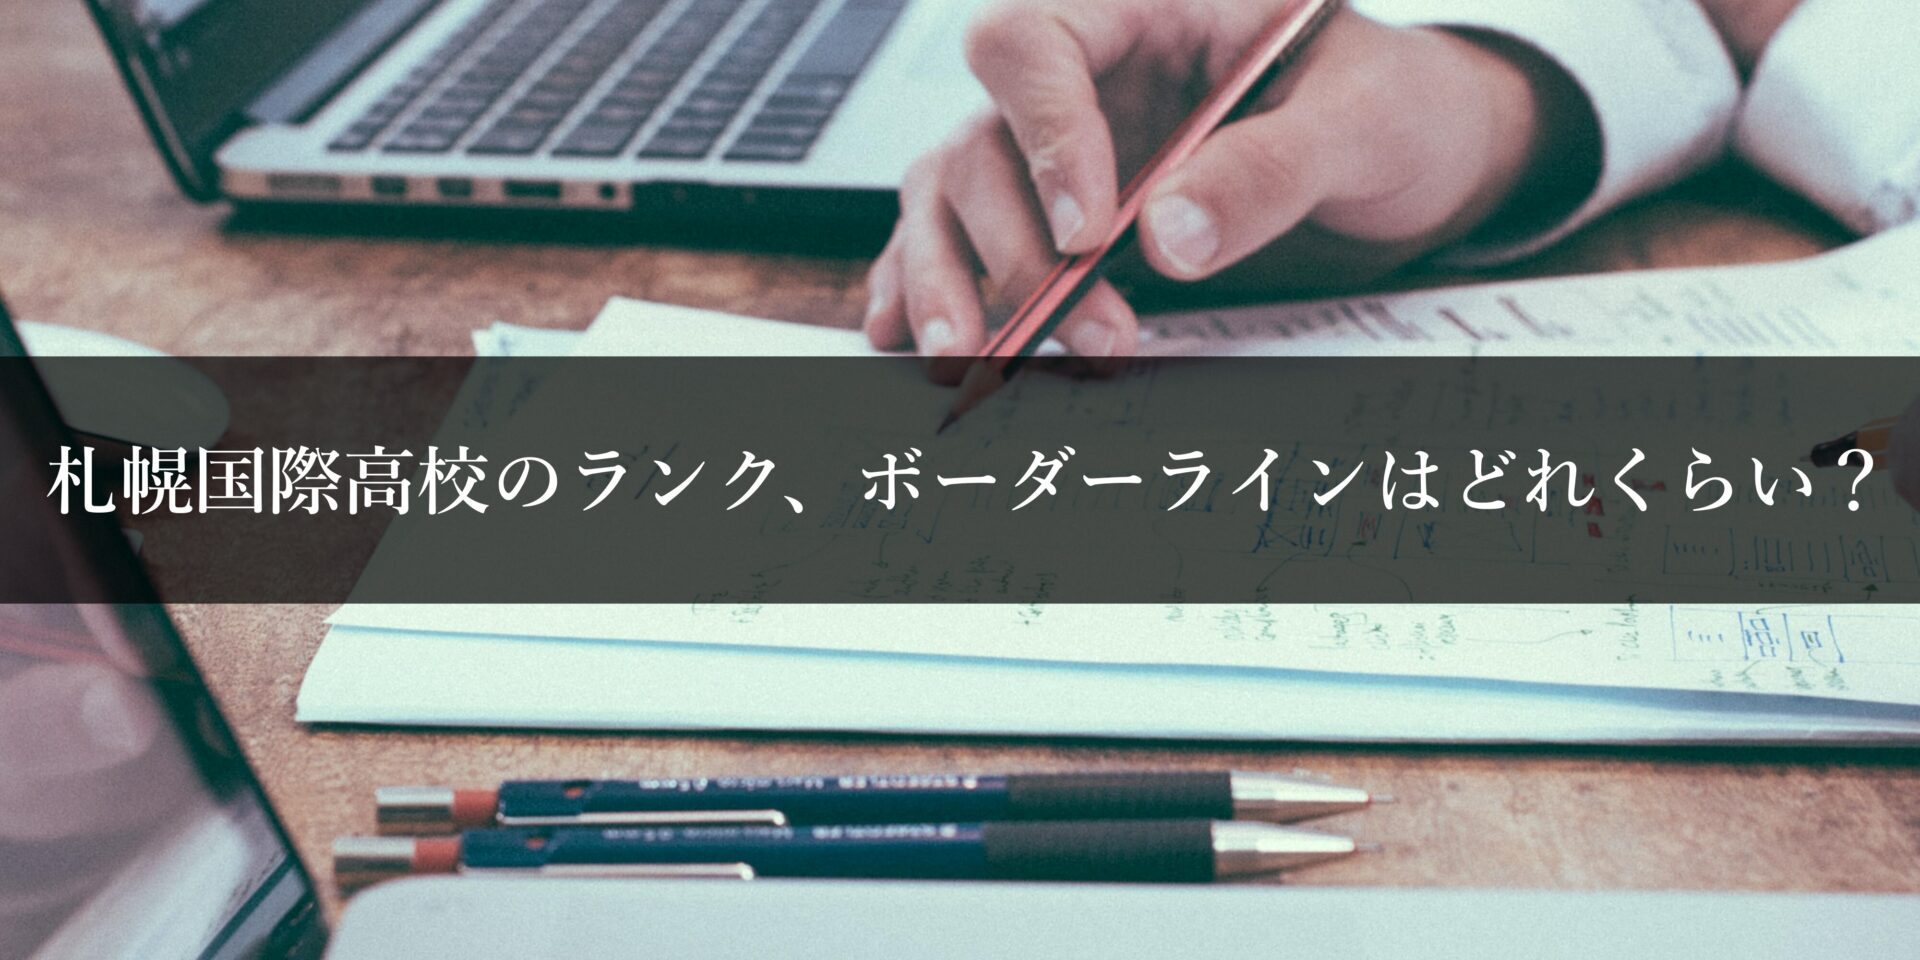 札幌国際高校のランク、ボーダーラインはどれくらい?